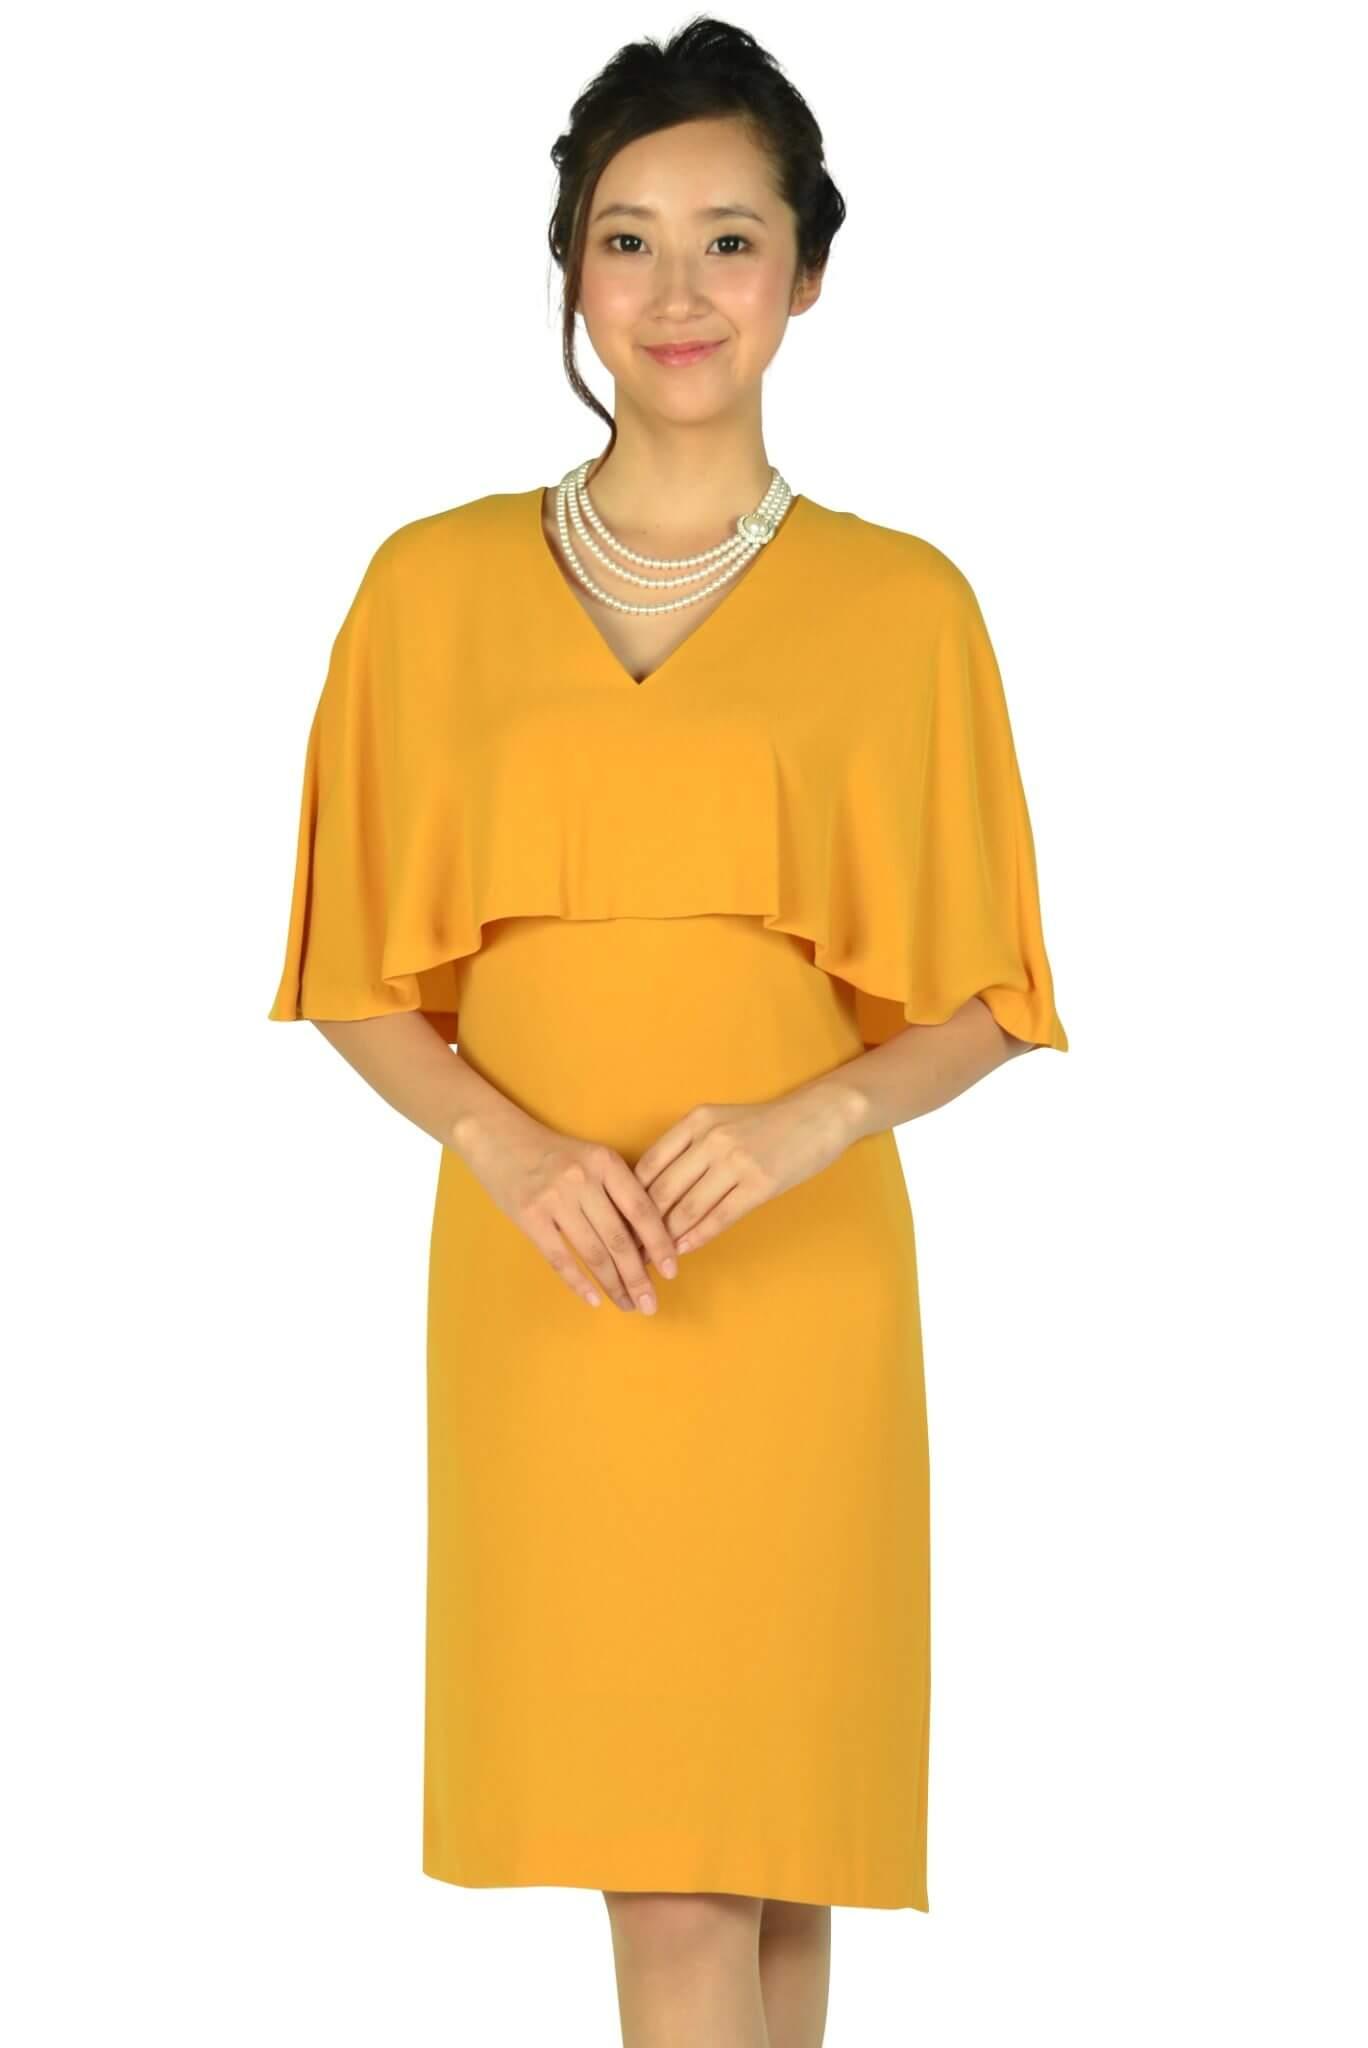 ユナイテッドアローズ (UNITED ARROWS)ケープ袖Iラインマスタードドレス